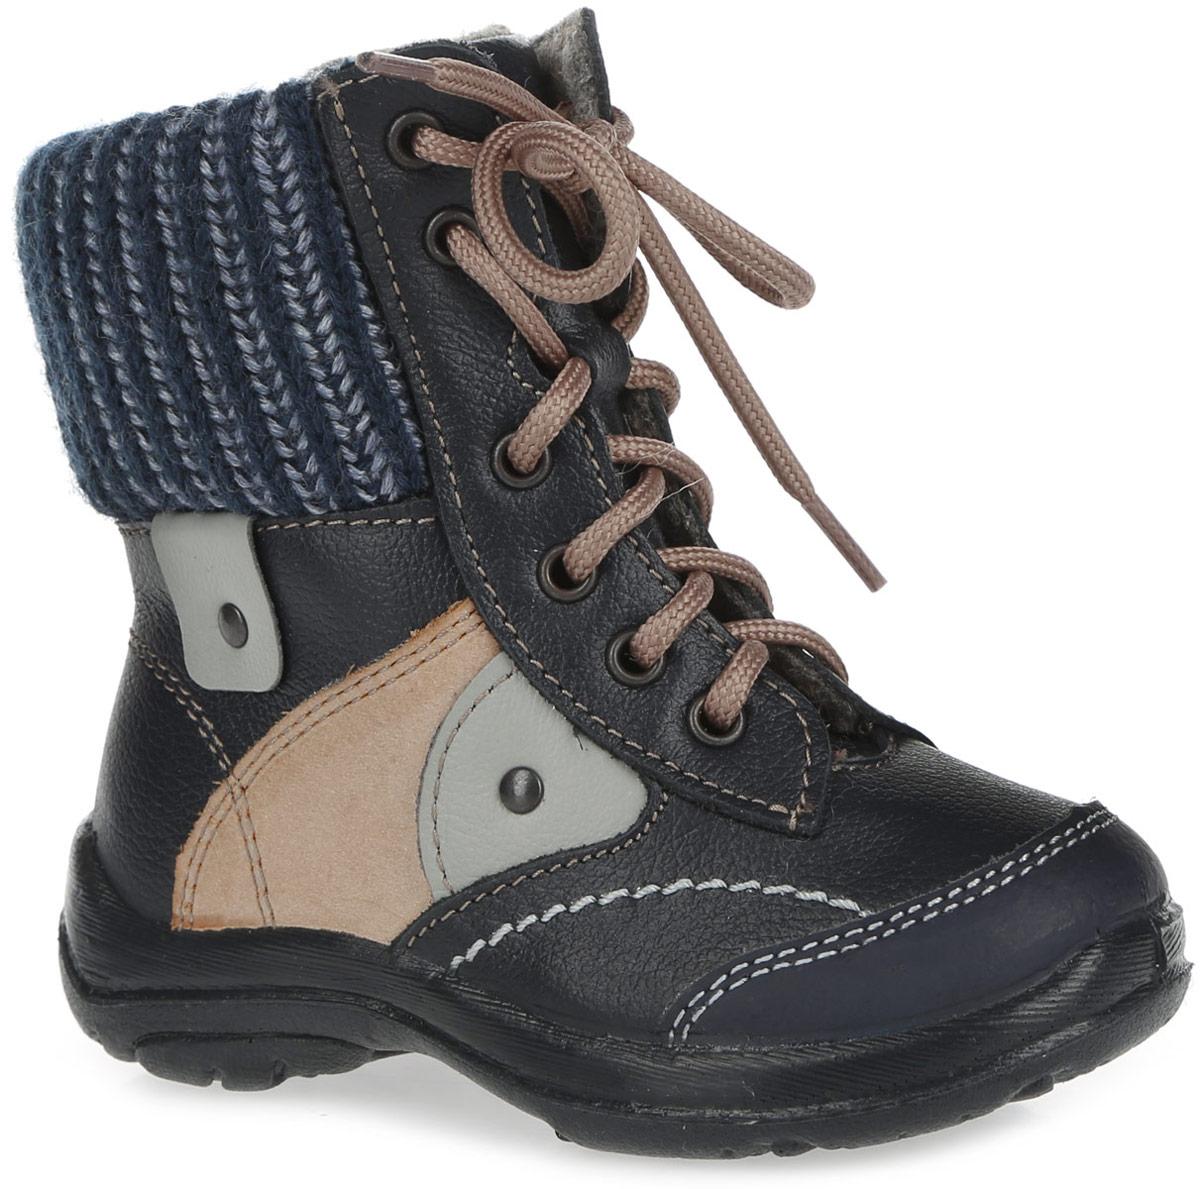 152123-31Ультрамодные ботинки от Котофей придутся по душе вашему мальчику. Обувь выполнена из натуральной кожи и дополнена по канту широкими вязаными манжетами из текстиля. Боковая застежка-молния позволяет легко обувать и снимать ботинки, а функциональная шнуровка обеспечивает идеальную фиксацию обуви на стопе. Подкладка из полушерстяной байки и съемная войлочная стелька со специальной петлей не дадут ногам замерзнуть и гарантируют уют. Сбоку обувь оформлена металлическими клепками. Литьевой метод крепления подошвы обеспечивает ей максимальную прочность, необходимую гибкость и минимальный вес. Подошва имеет анатомическую форму следа и в точности повторяет изгибы свода стопы, что позволяет ноге чувствовать себя комфортно весь день. Такие ботинки займут достойное место в гардеробе вашего мальчика.